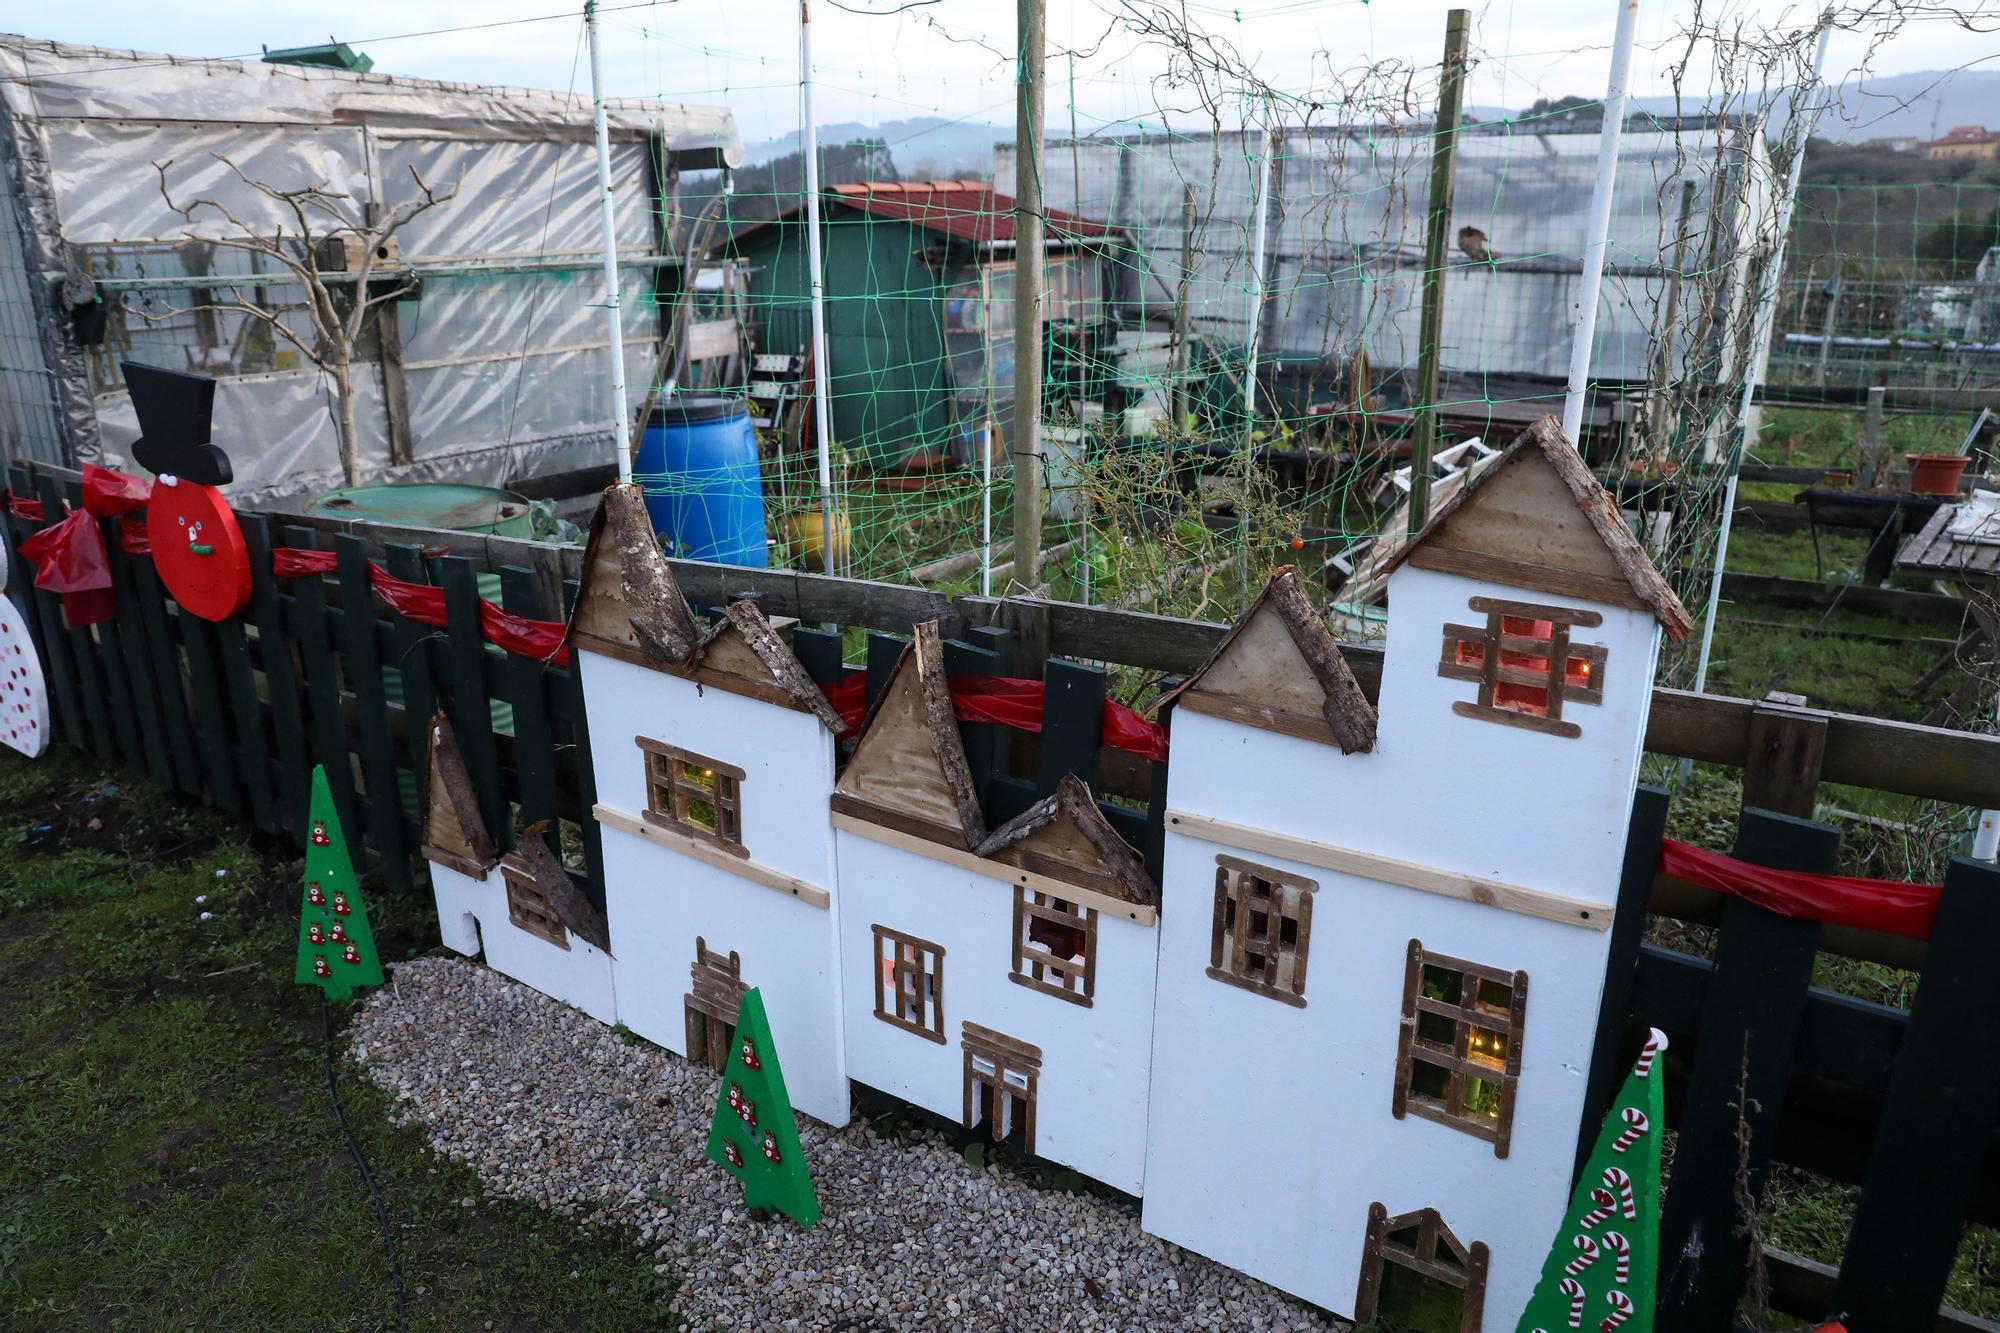 Los Huertos de Cabue�es, jardines de ilusi�n en Navidad (1).jpg